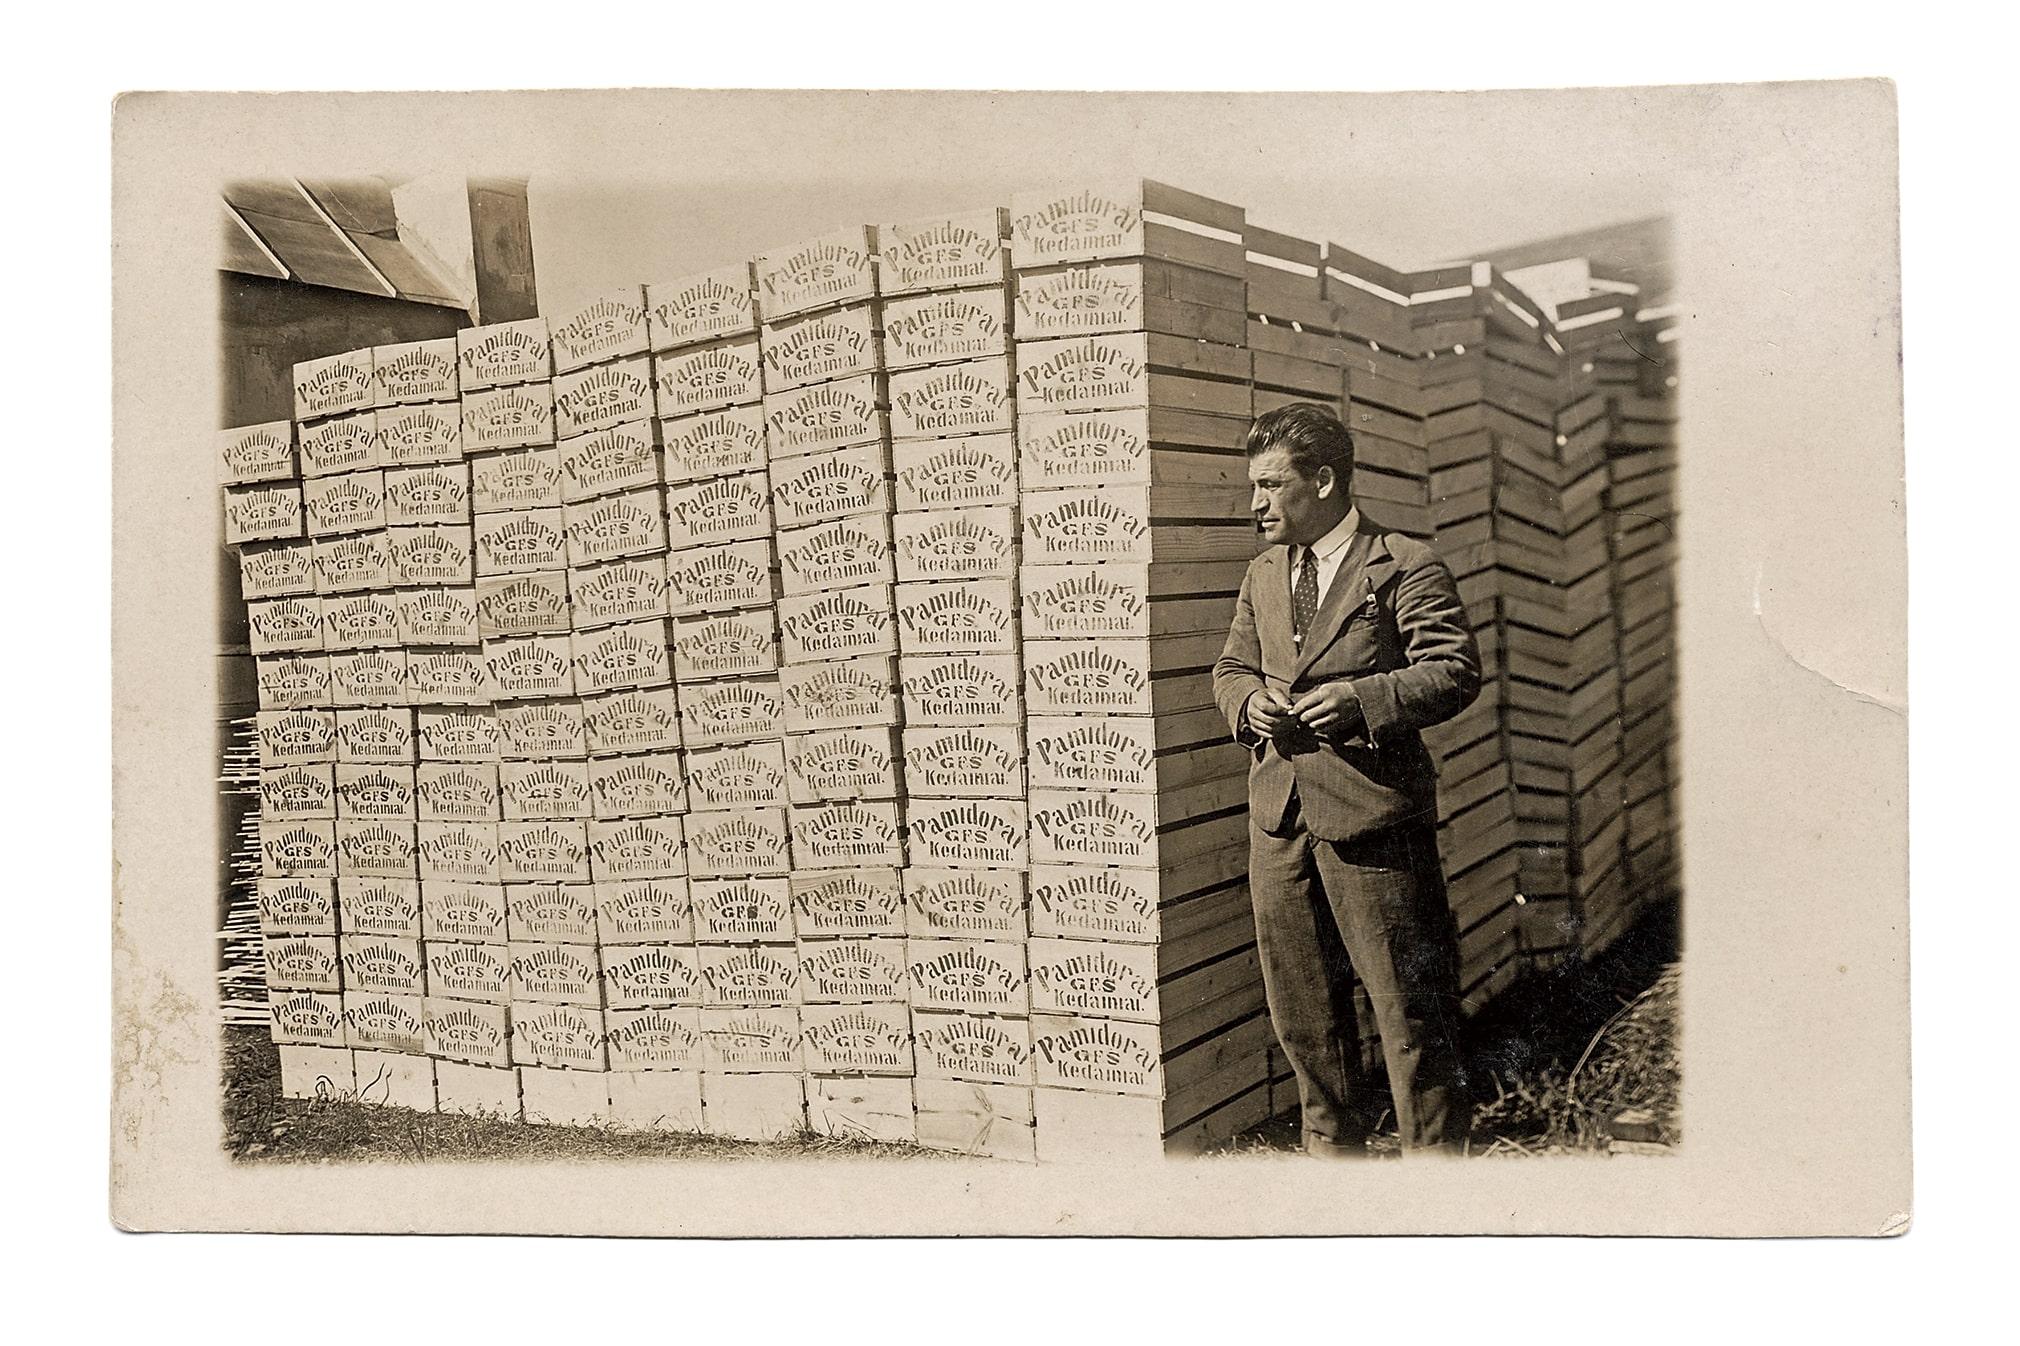 Golomboko - Fridlando - Štembacho pomidorų auginimo firmos produkcija, XX a. 4 deš.